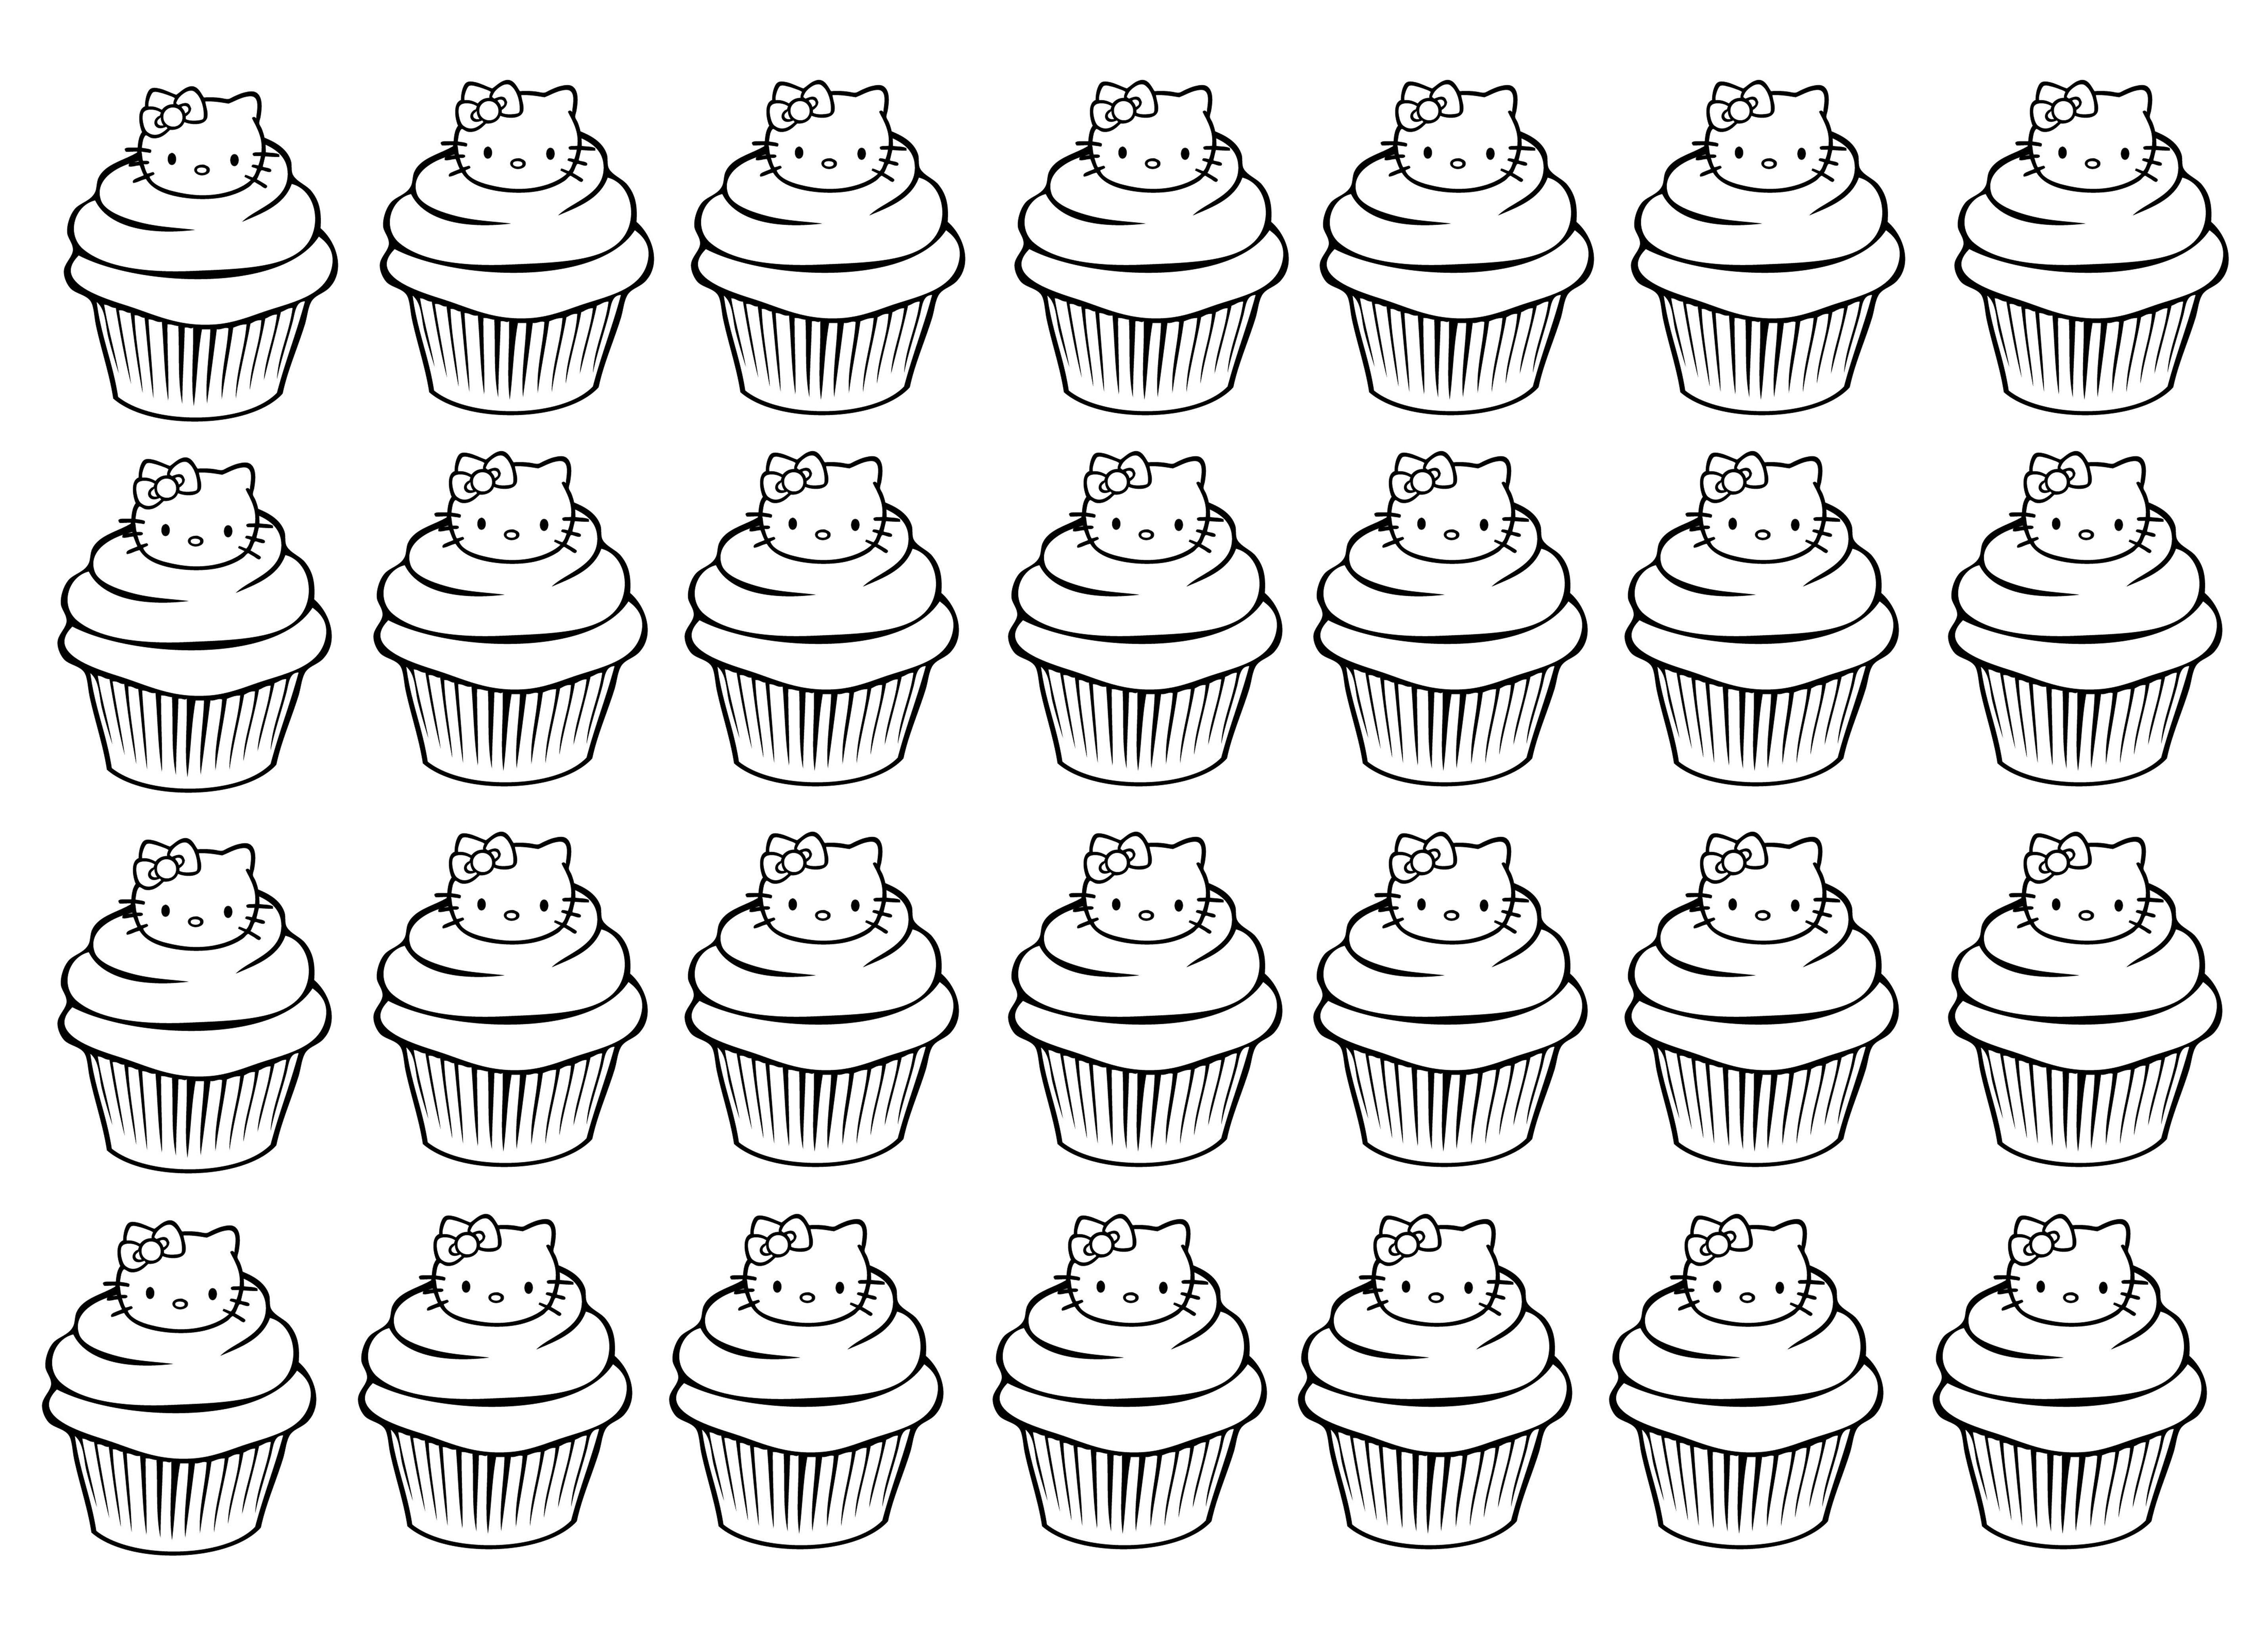 Disegni da colorare per adulti : Cup Cakes - 14